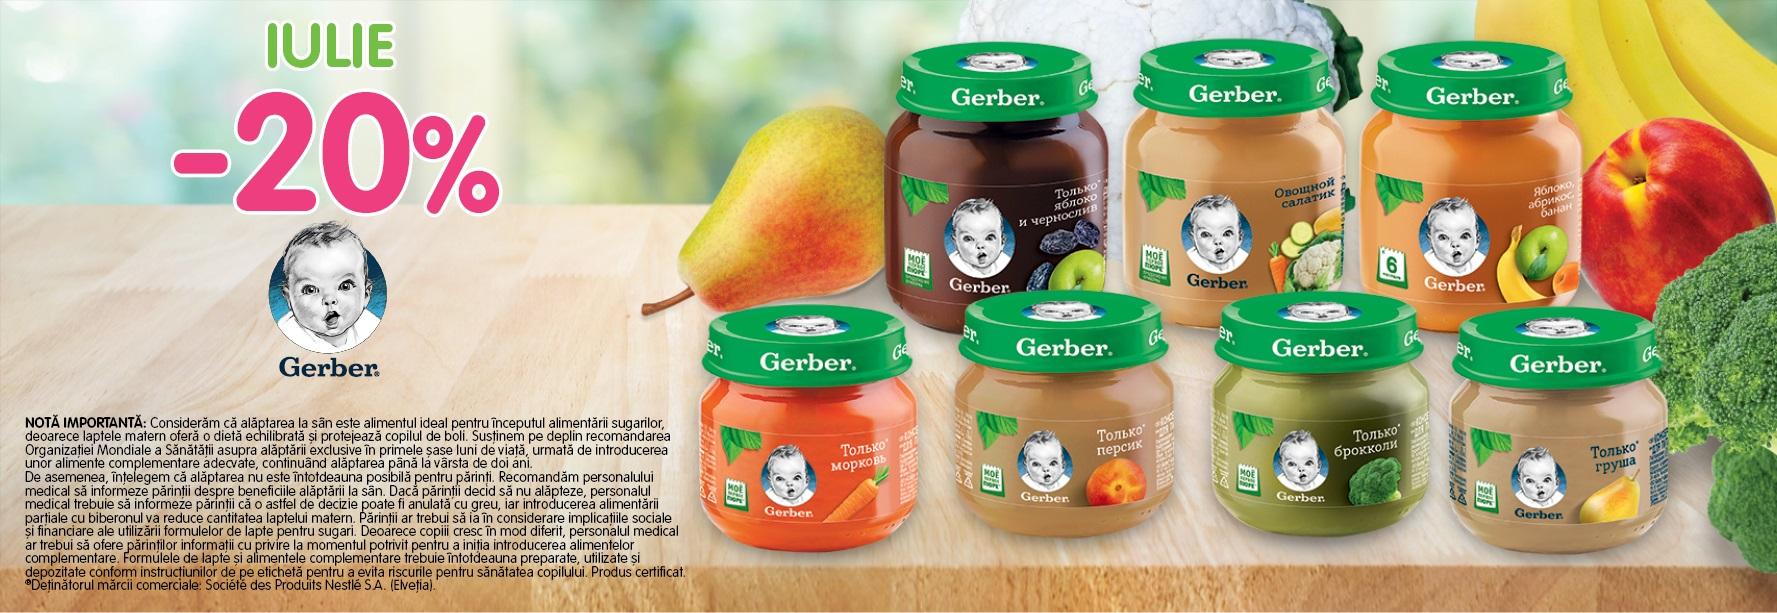 gerber-20-do-3107